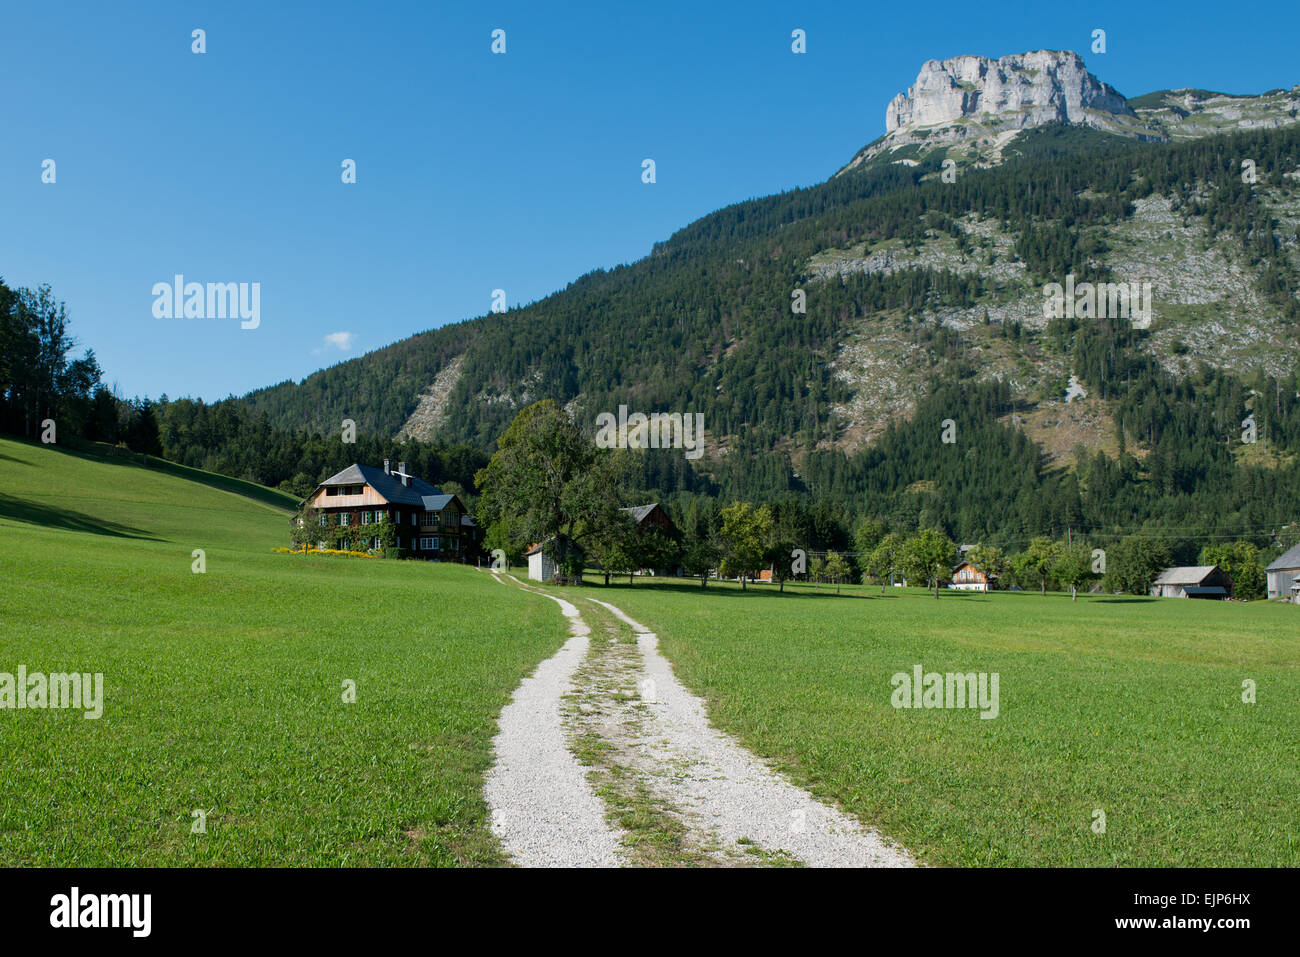 Reith, Altaussee, Loser, Salzkammergut, Ausseerland, Styria, Austria - Stock Image